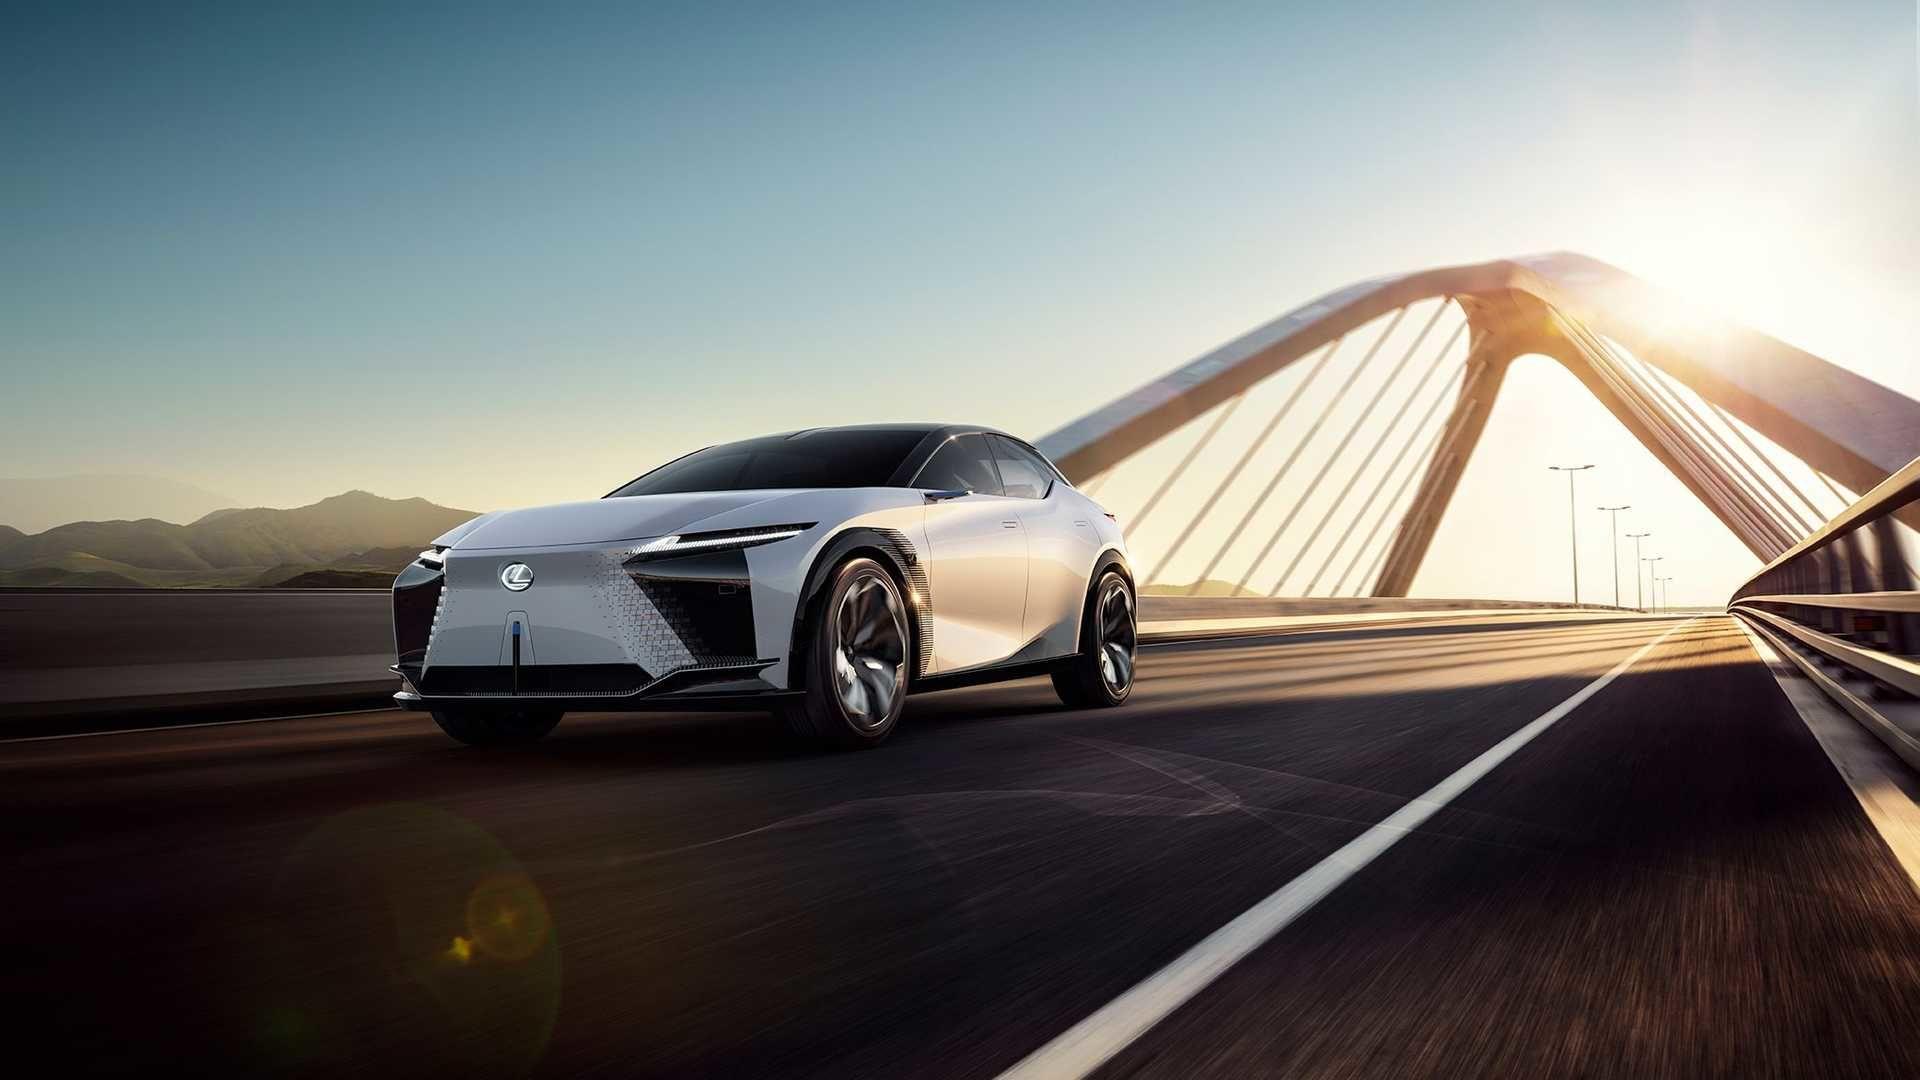 Lexus 發表超大膽設計電動概念車